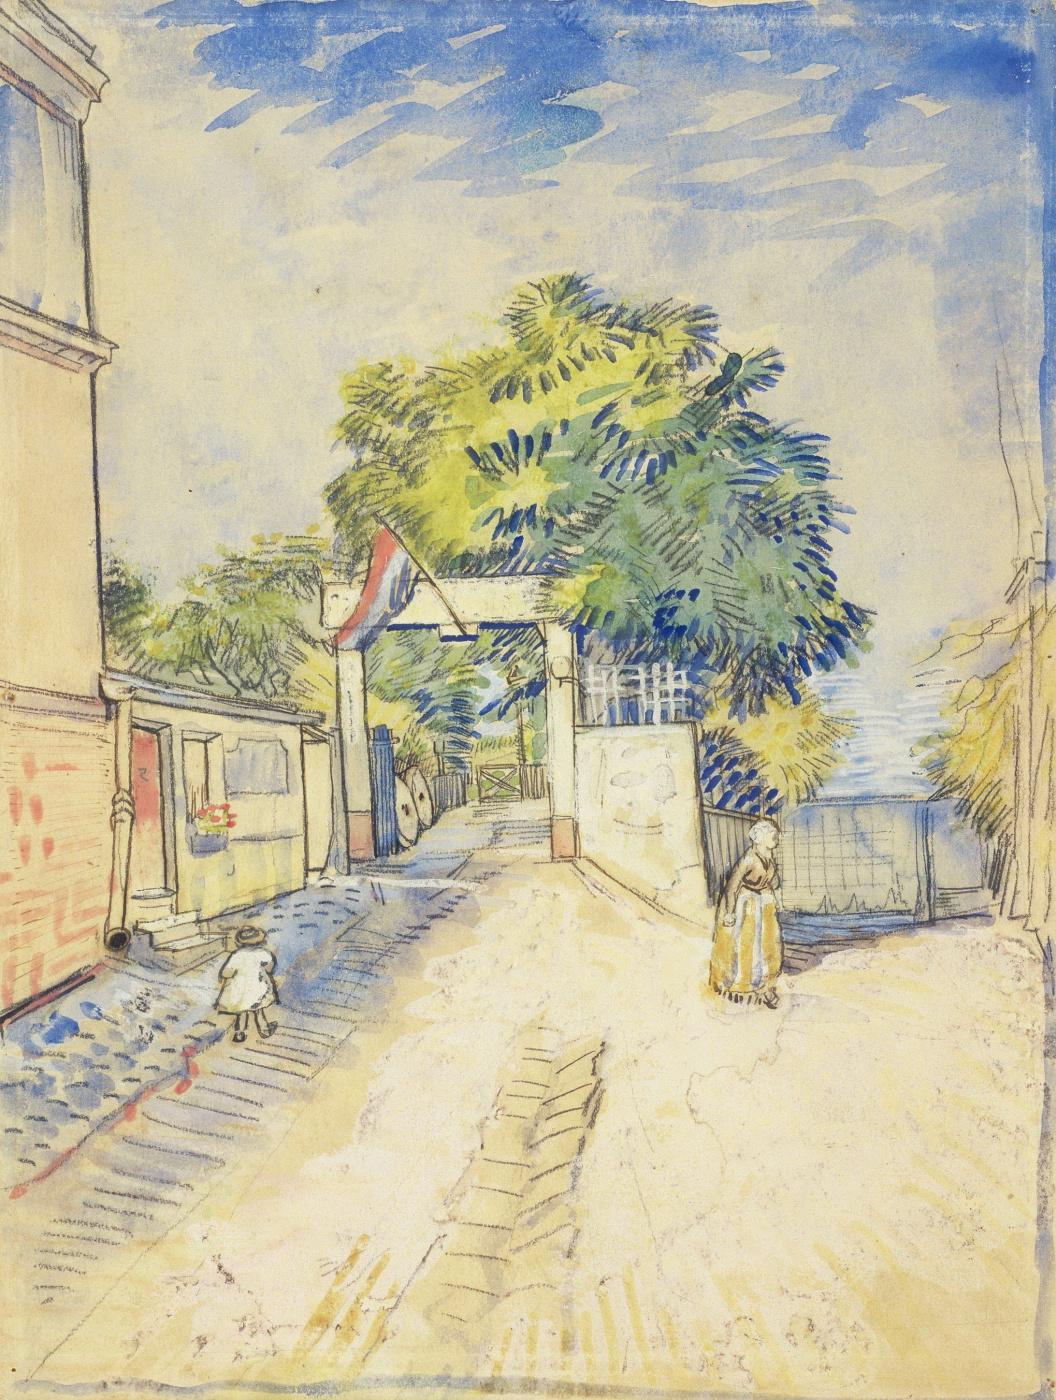 Vincent van Gogh. Entrance to the Moulin de La Galette